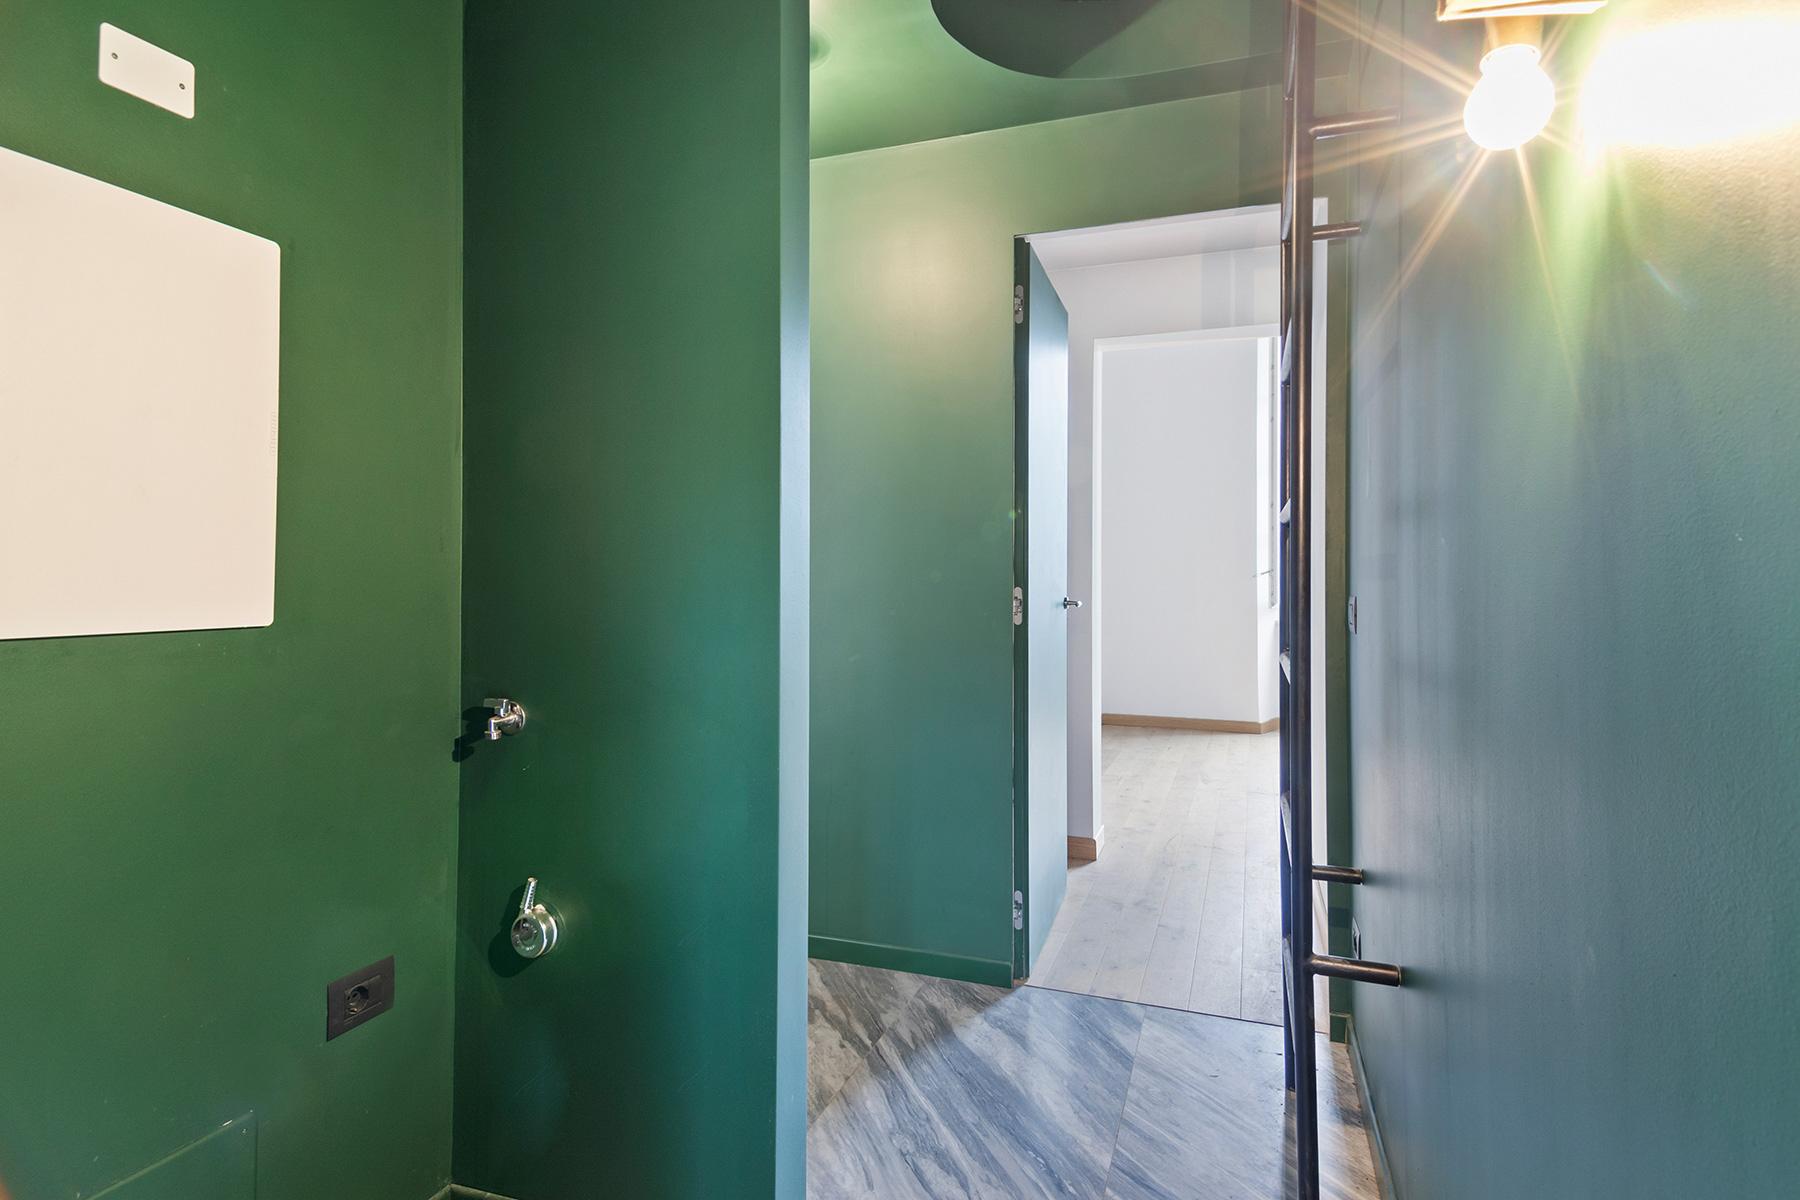 Appartamento in Vendita a Santa Margherita Ligure: 5 locali, 150 mq - Foto 17